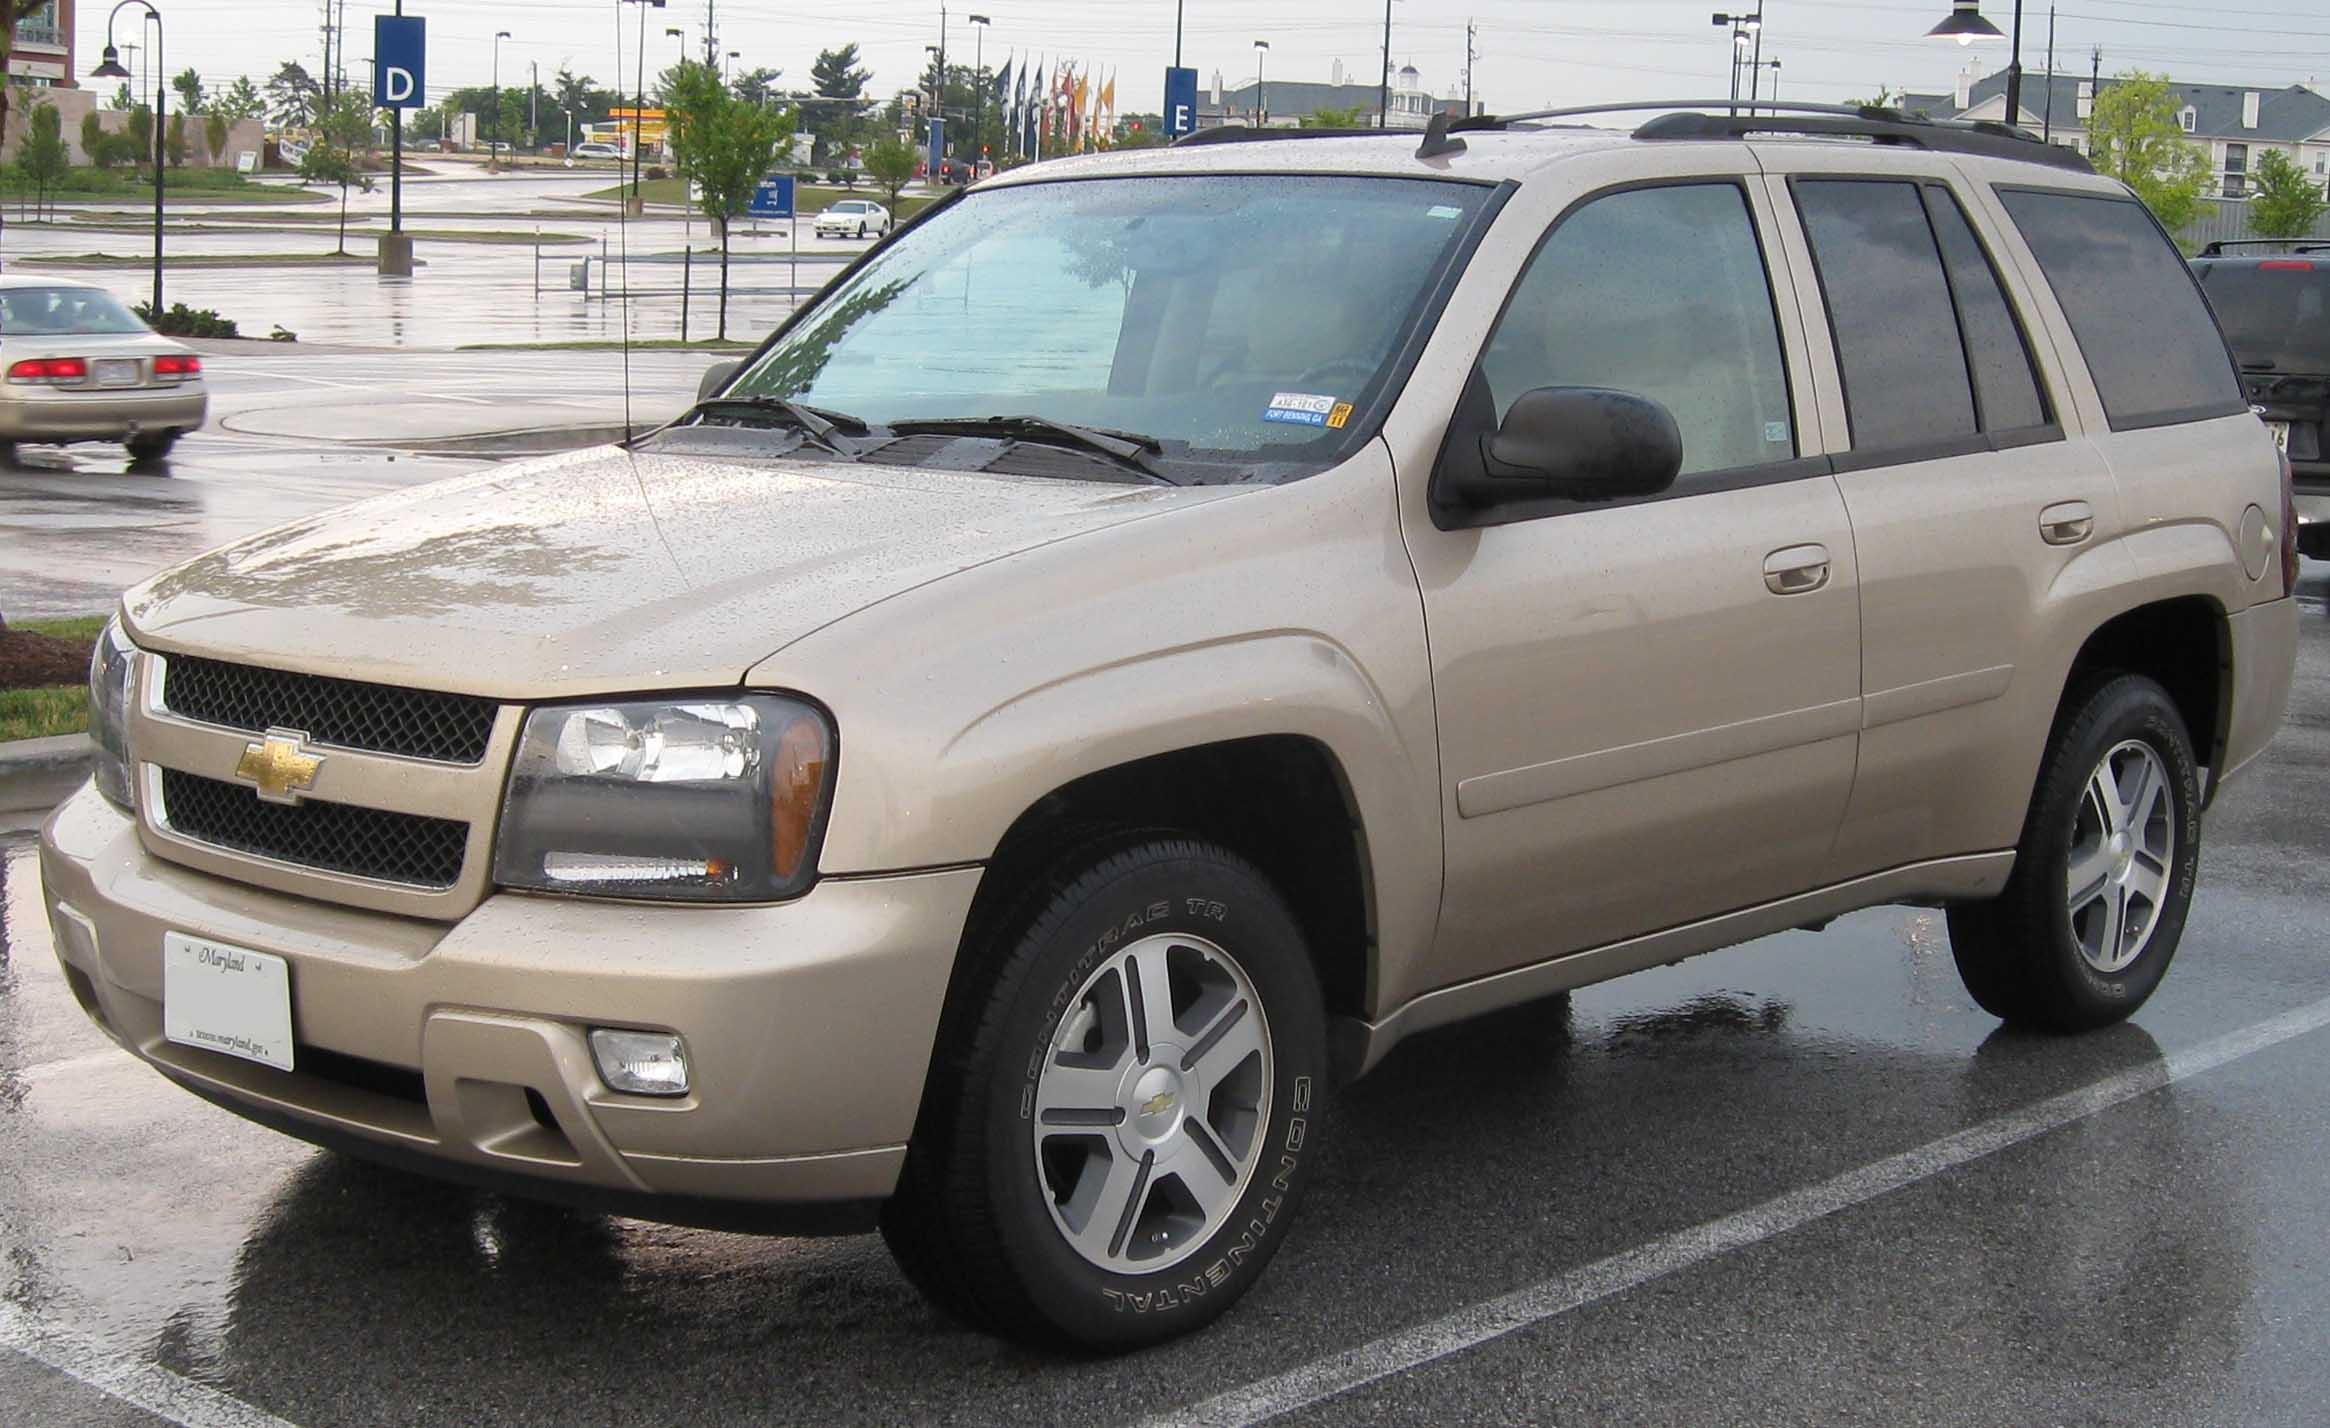 2008 Chevrolet Trailblazer | Car Interior Design